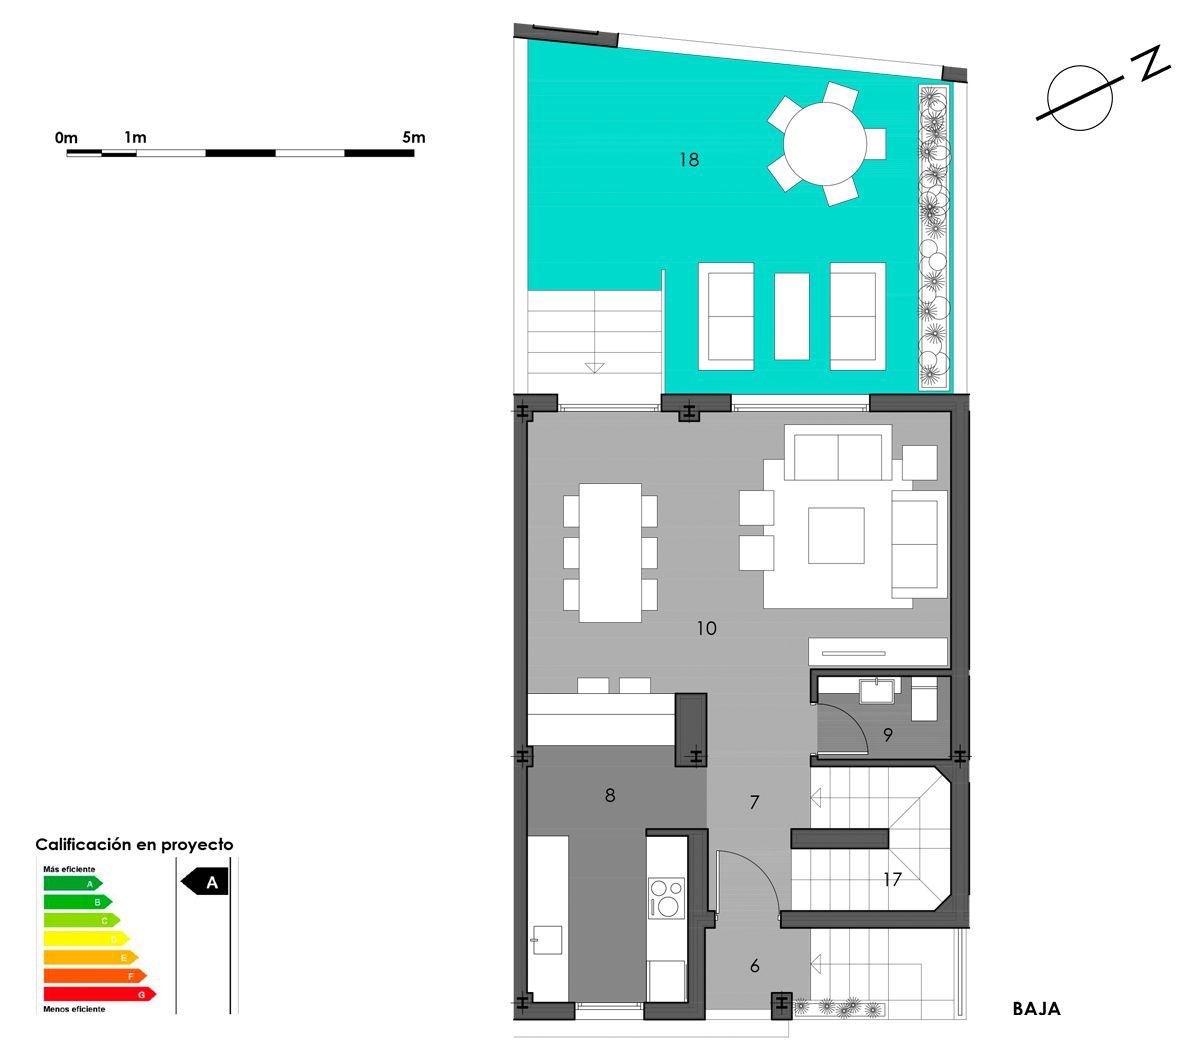 planta baja vivienda 8 con cocina americana